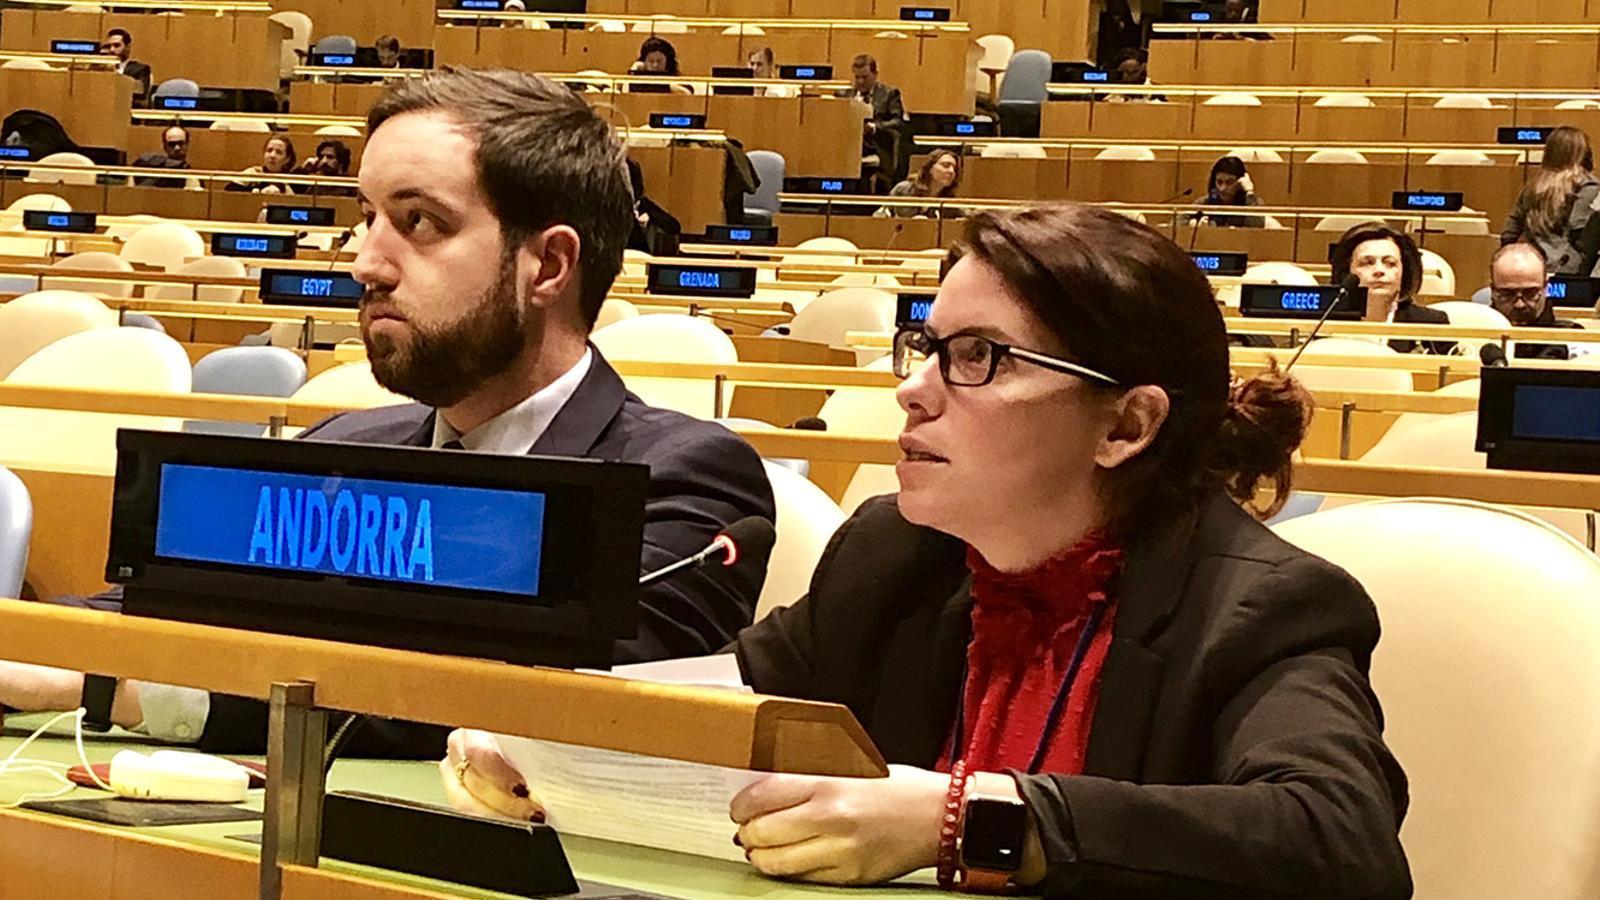 La cap de l'àrea de Polítiques d'Igualtat del ministeri d'Afers Socials, Justícia i Interior, Mireia Porras, durant la seva intervenció. / SFG